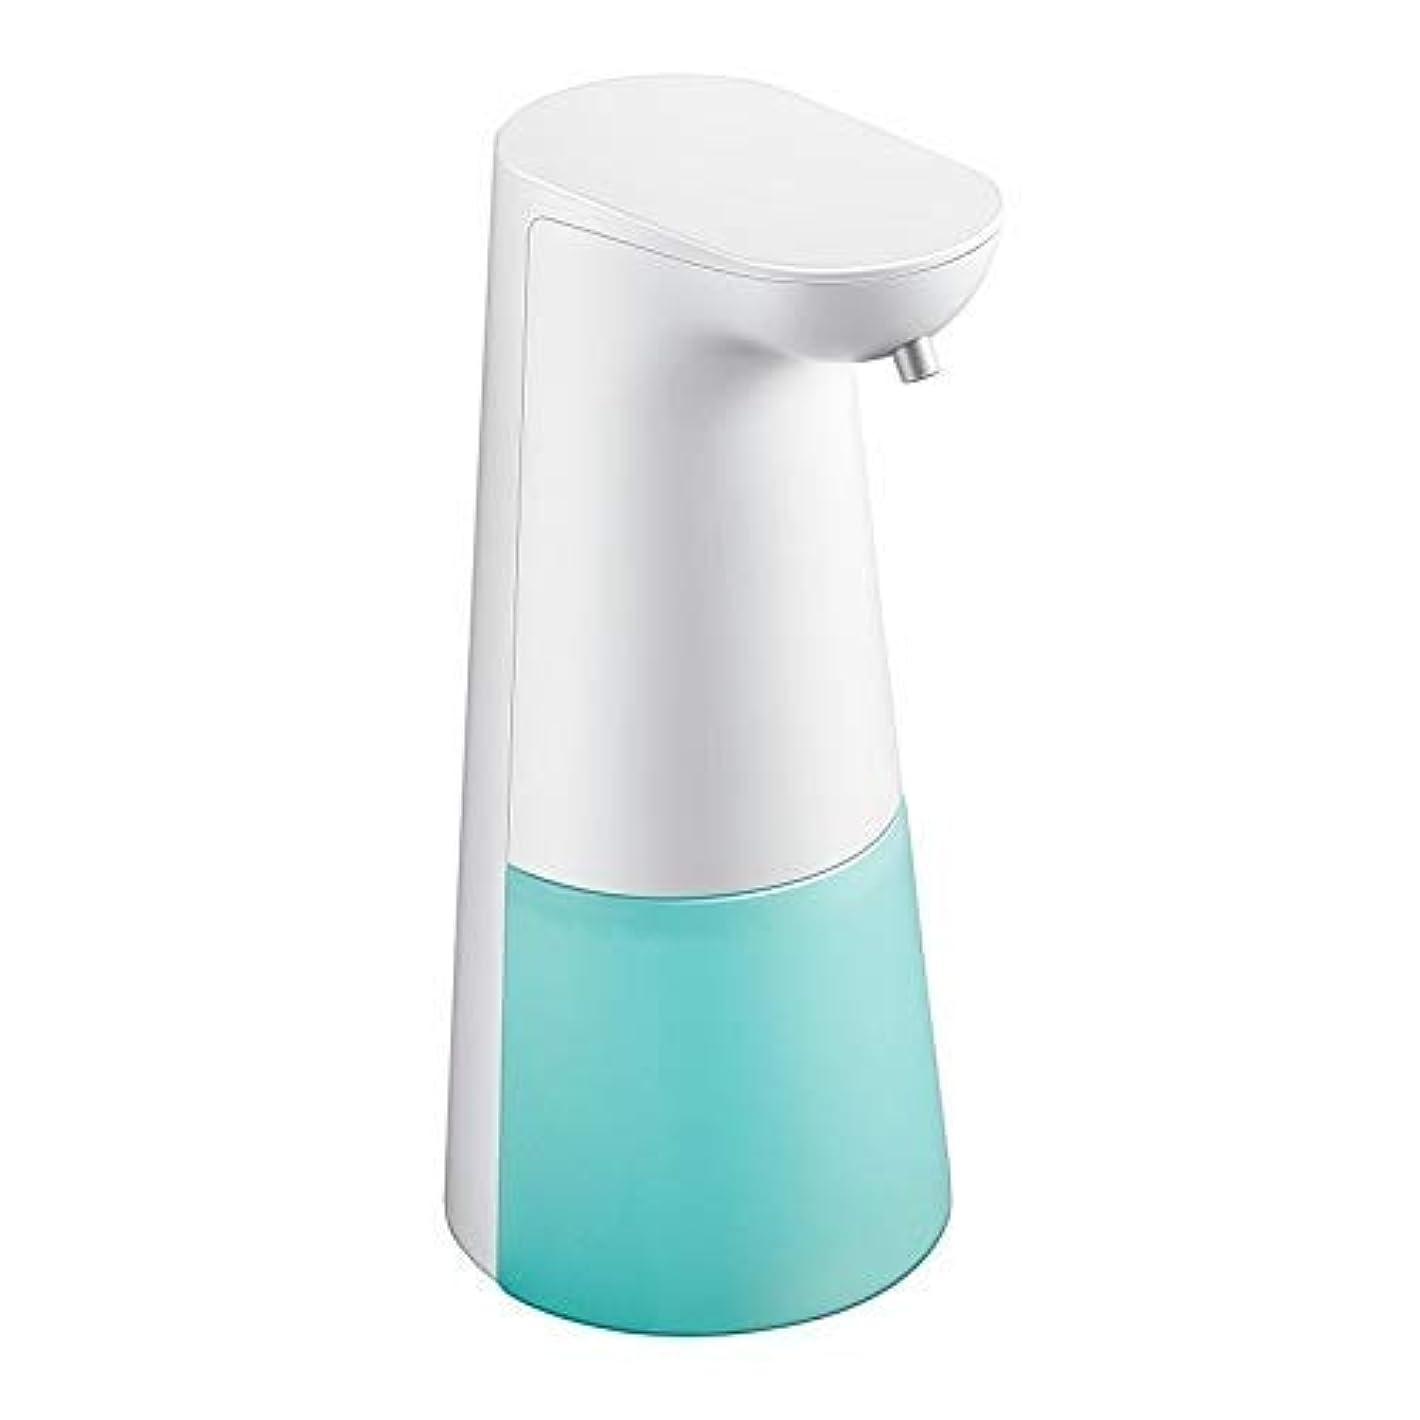 ビバ降雨廊下自動誘導の泡の石鹸機械ホテルの泡の石鹸ディスペンサーの自動手の消毒剤